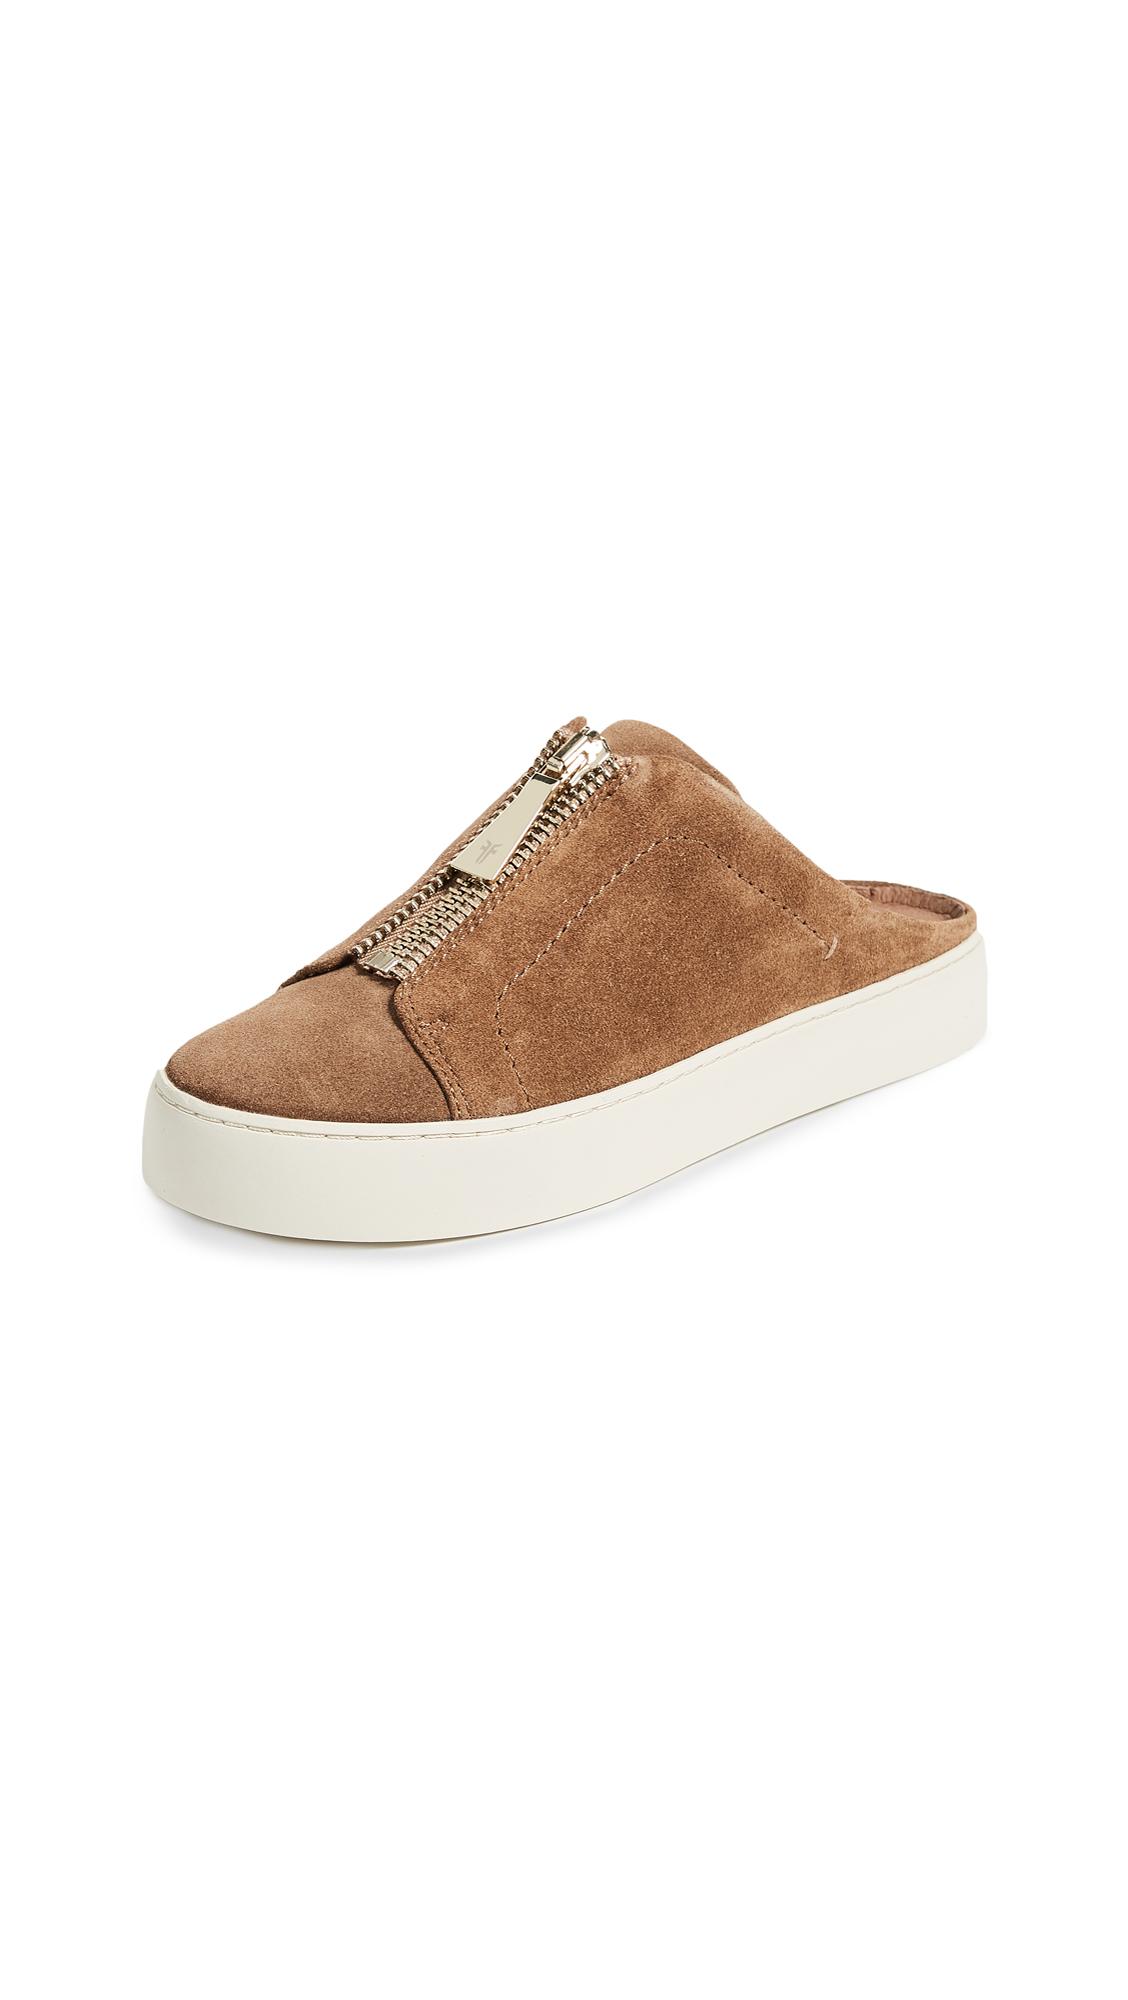 Frye Lena Zip Mule Suede Sneakers - Tan